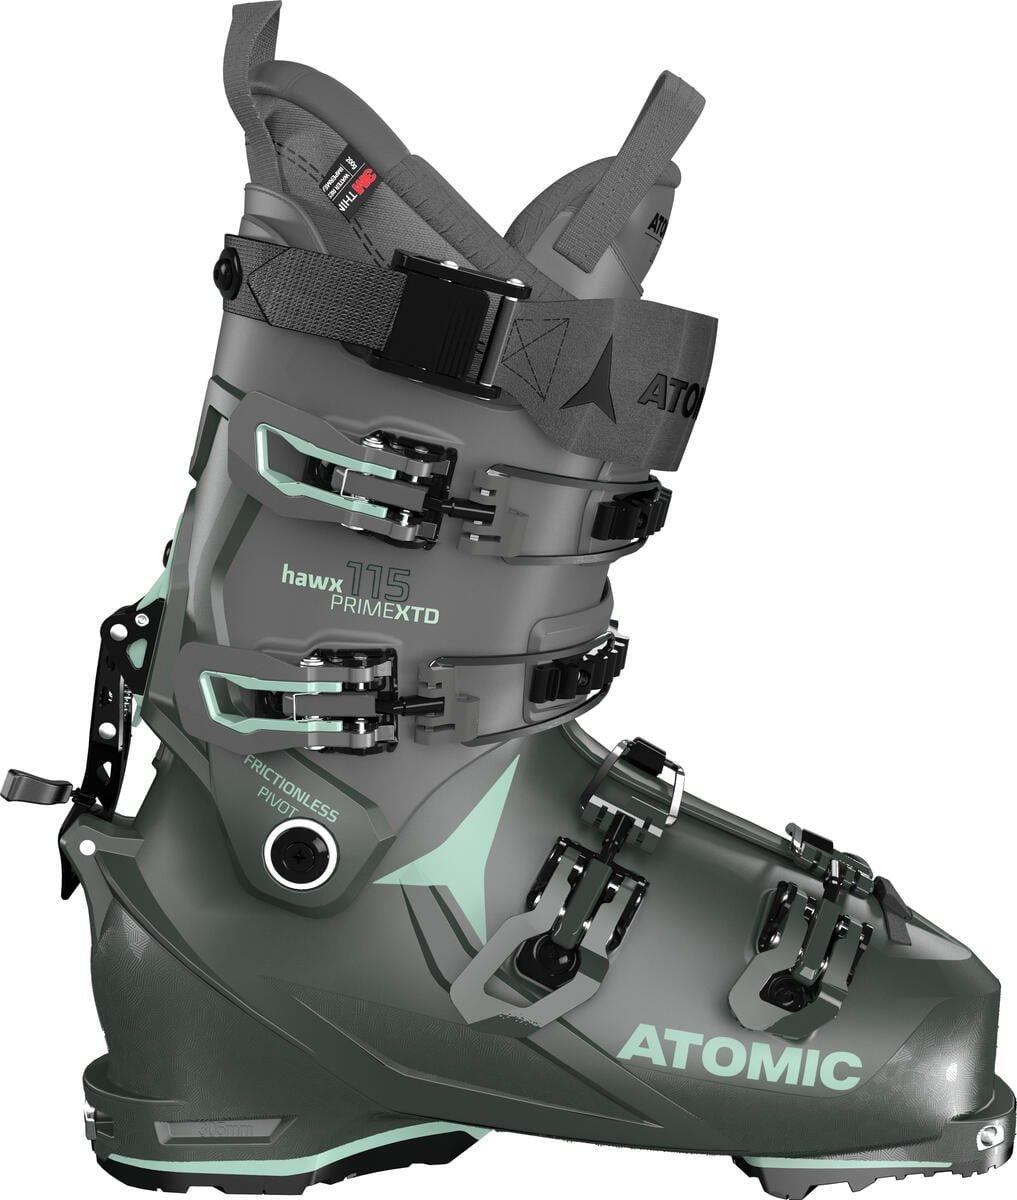 Atomic Hawx Prime XTD 115 Tech GW W 24 cm